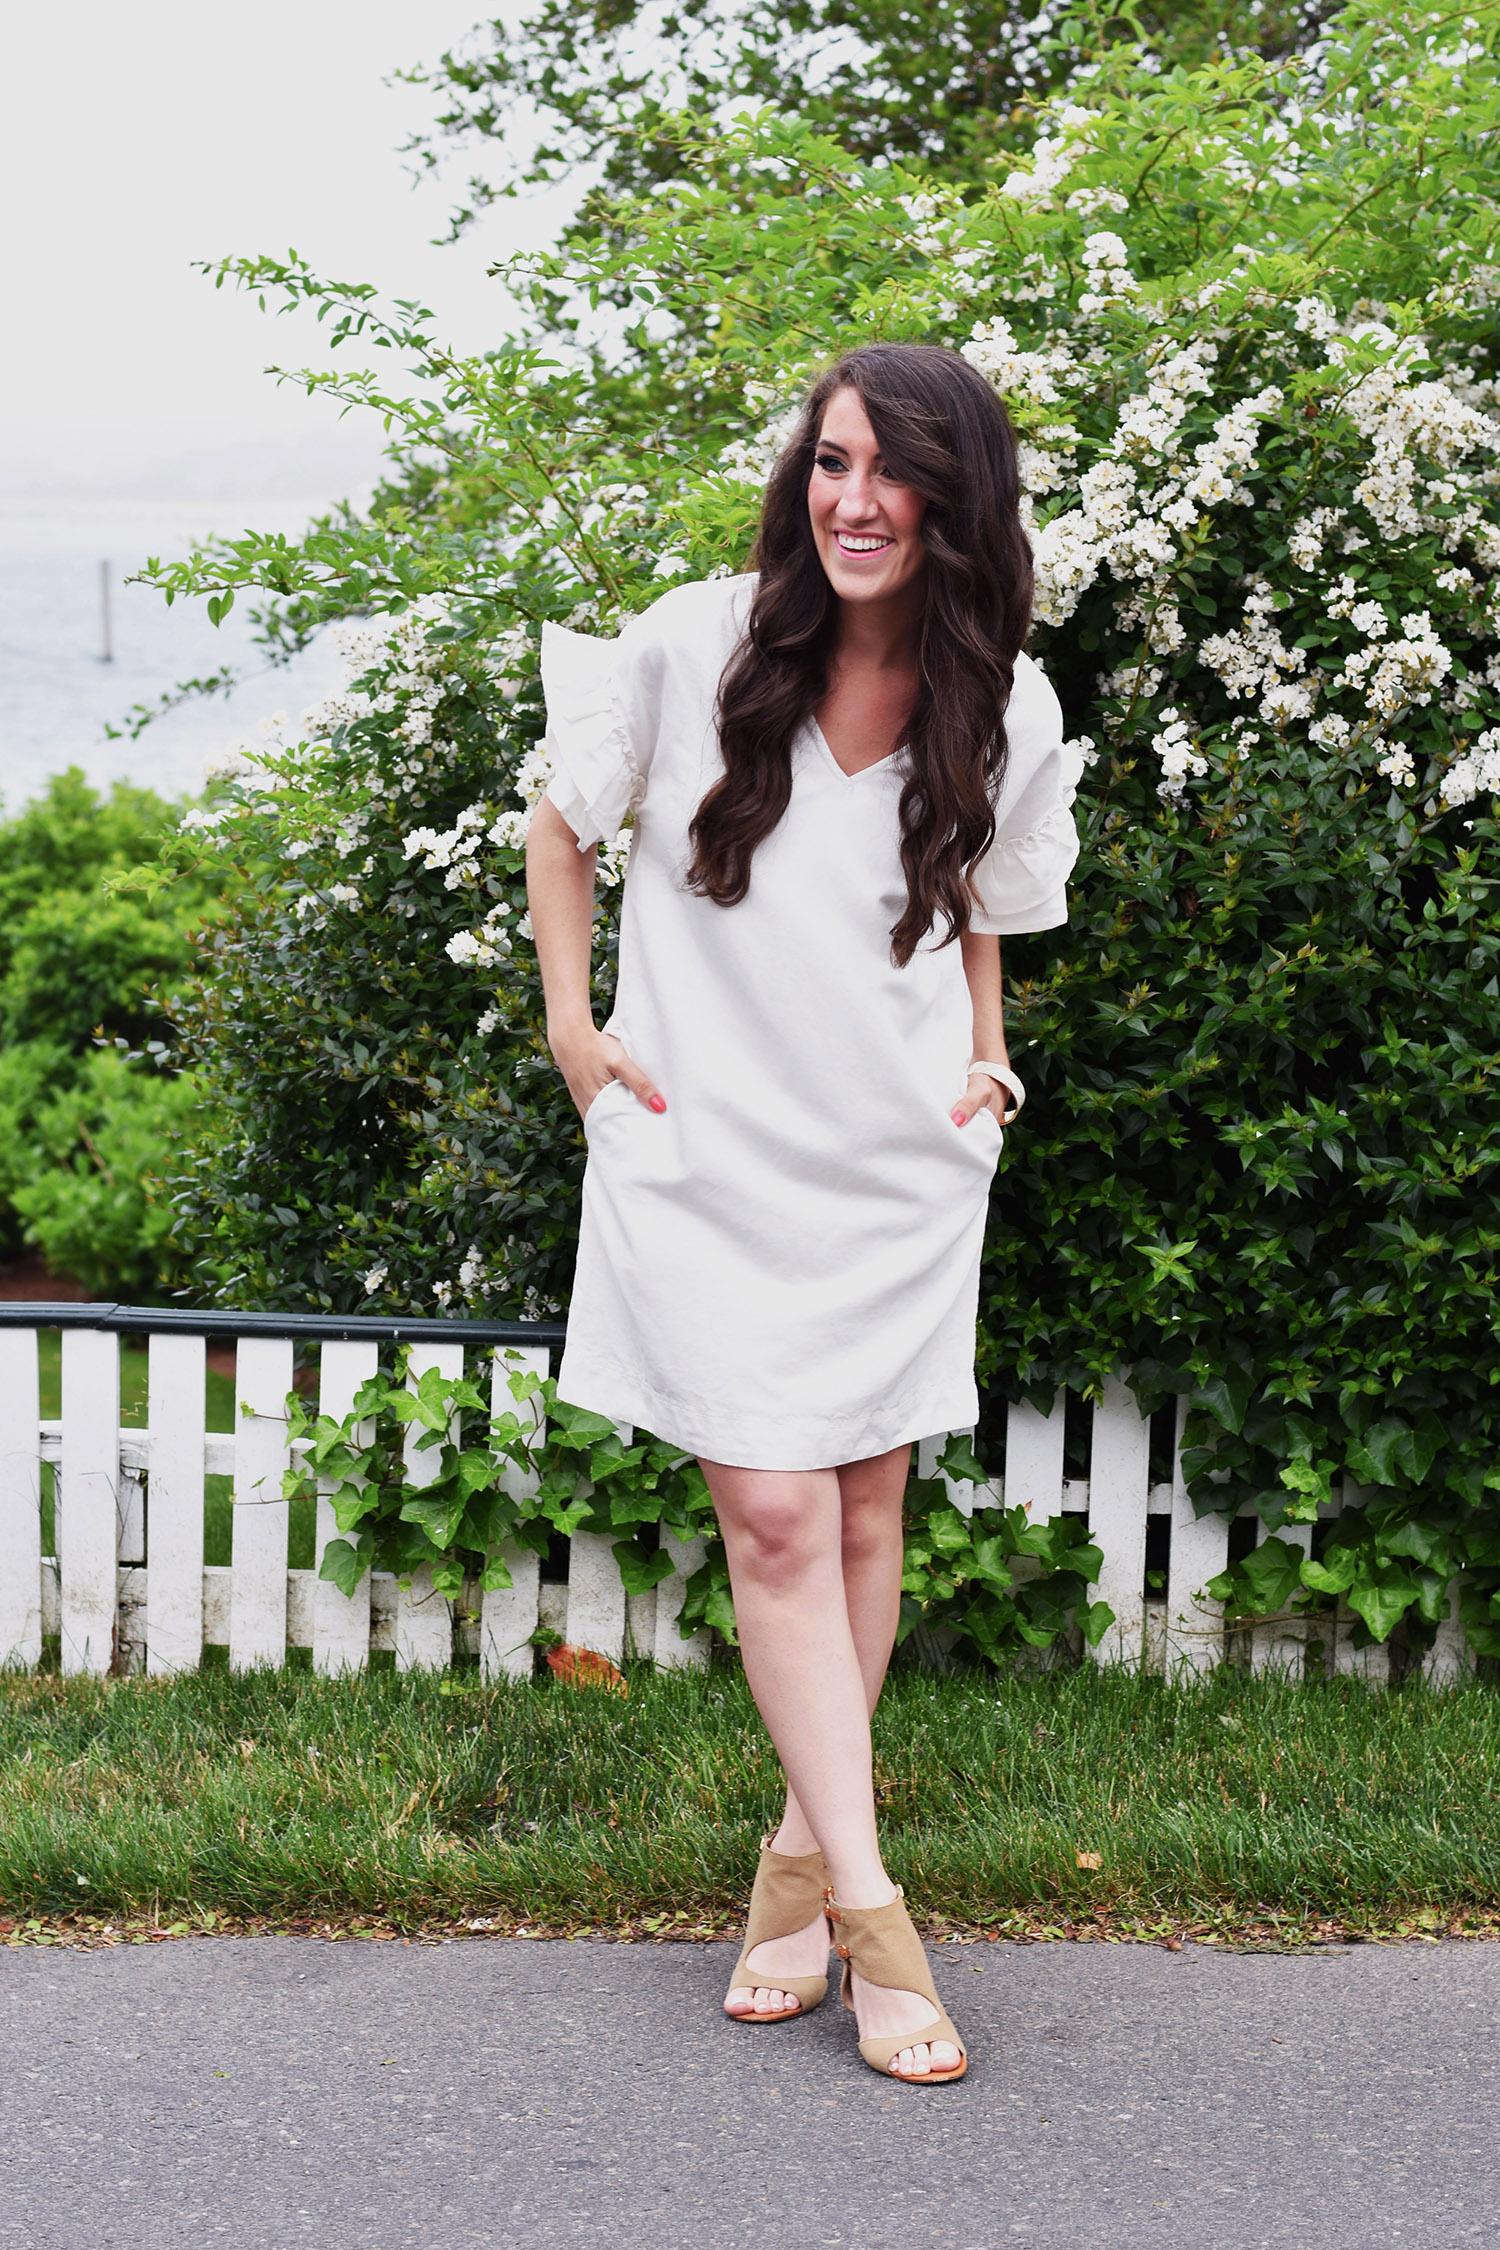 whitedress1-2_websize.jpg